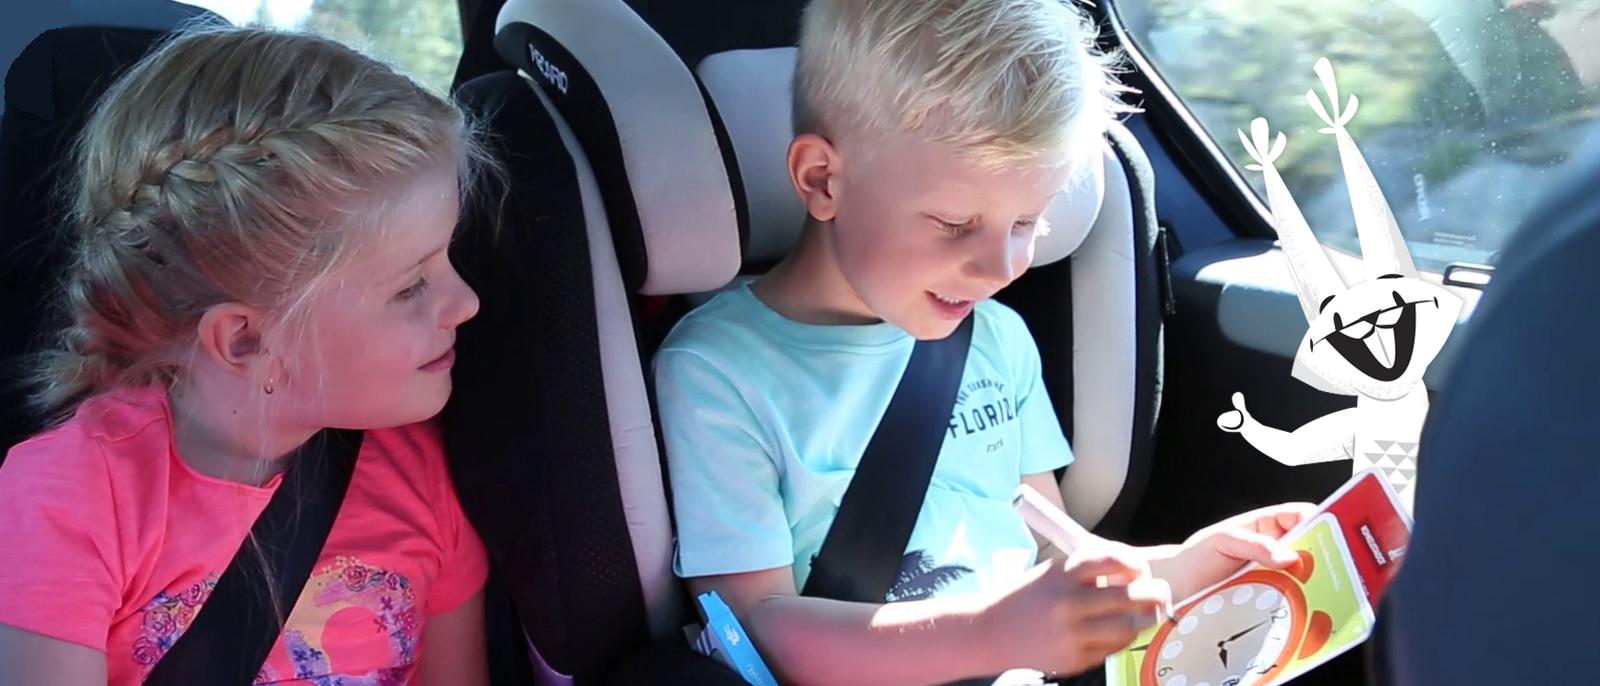 Kehittävät ja viihdyttävät Oppi&ilo-puuhakortit sopivat moneen tilanteeseen.